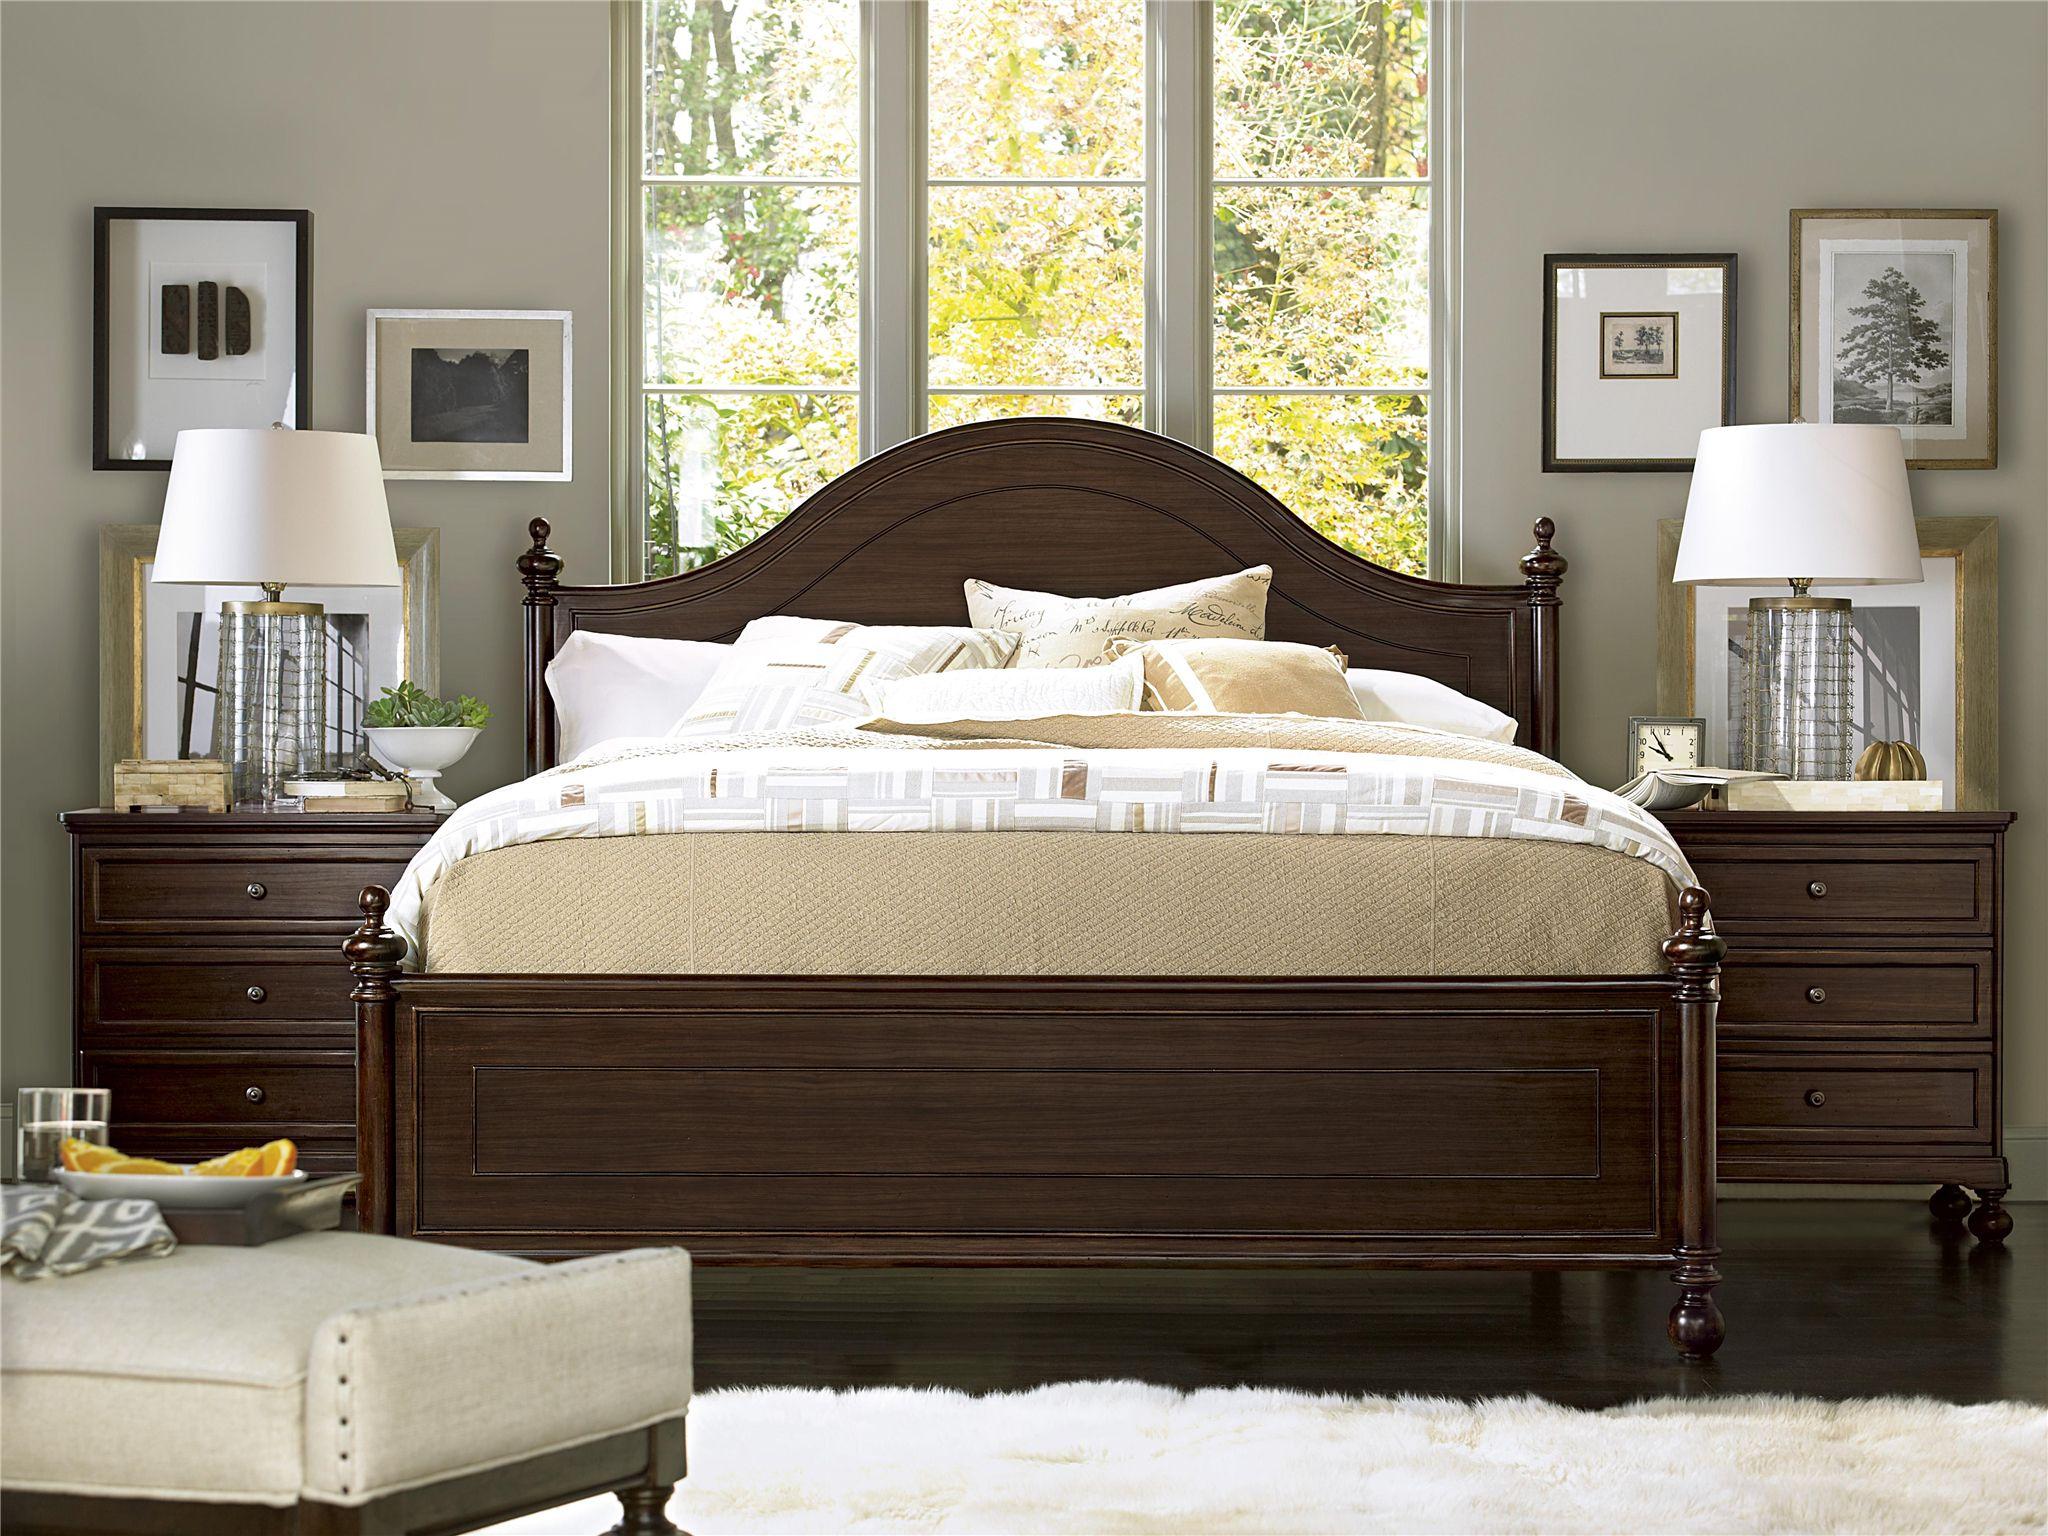 Universal Furniture Bedroom Proximity Low Post Bed King Universal Furniture Furniture Bedroom Sets Queen